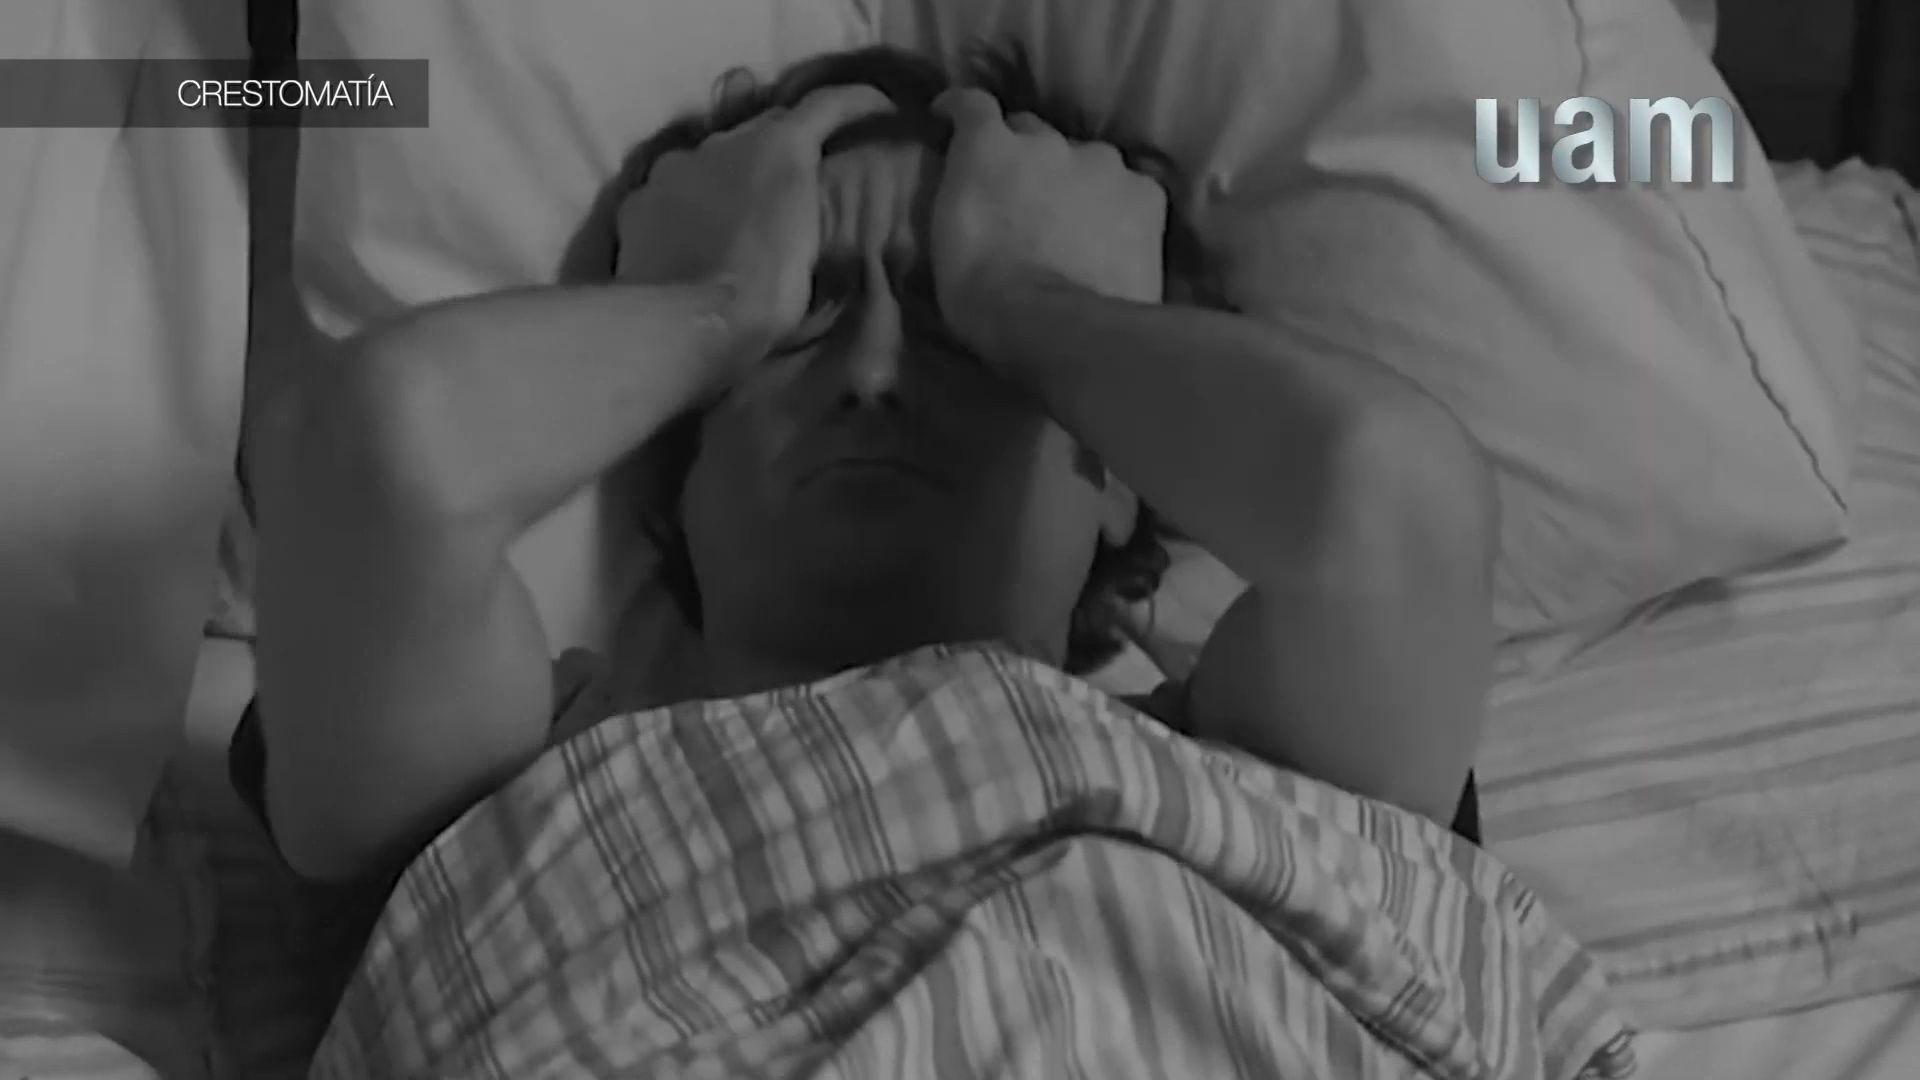 Dormir menos de 7 horas produce alteraciones y diversas enfermedades